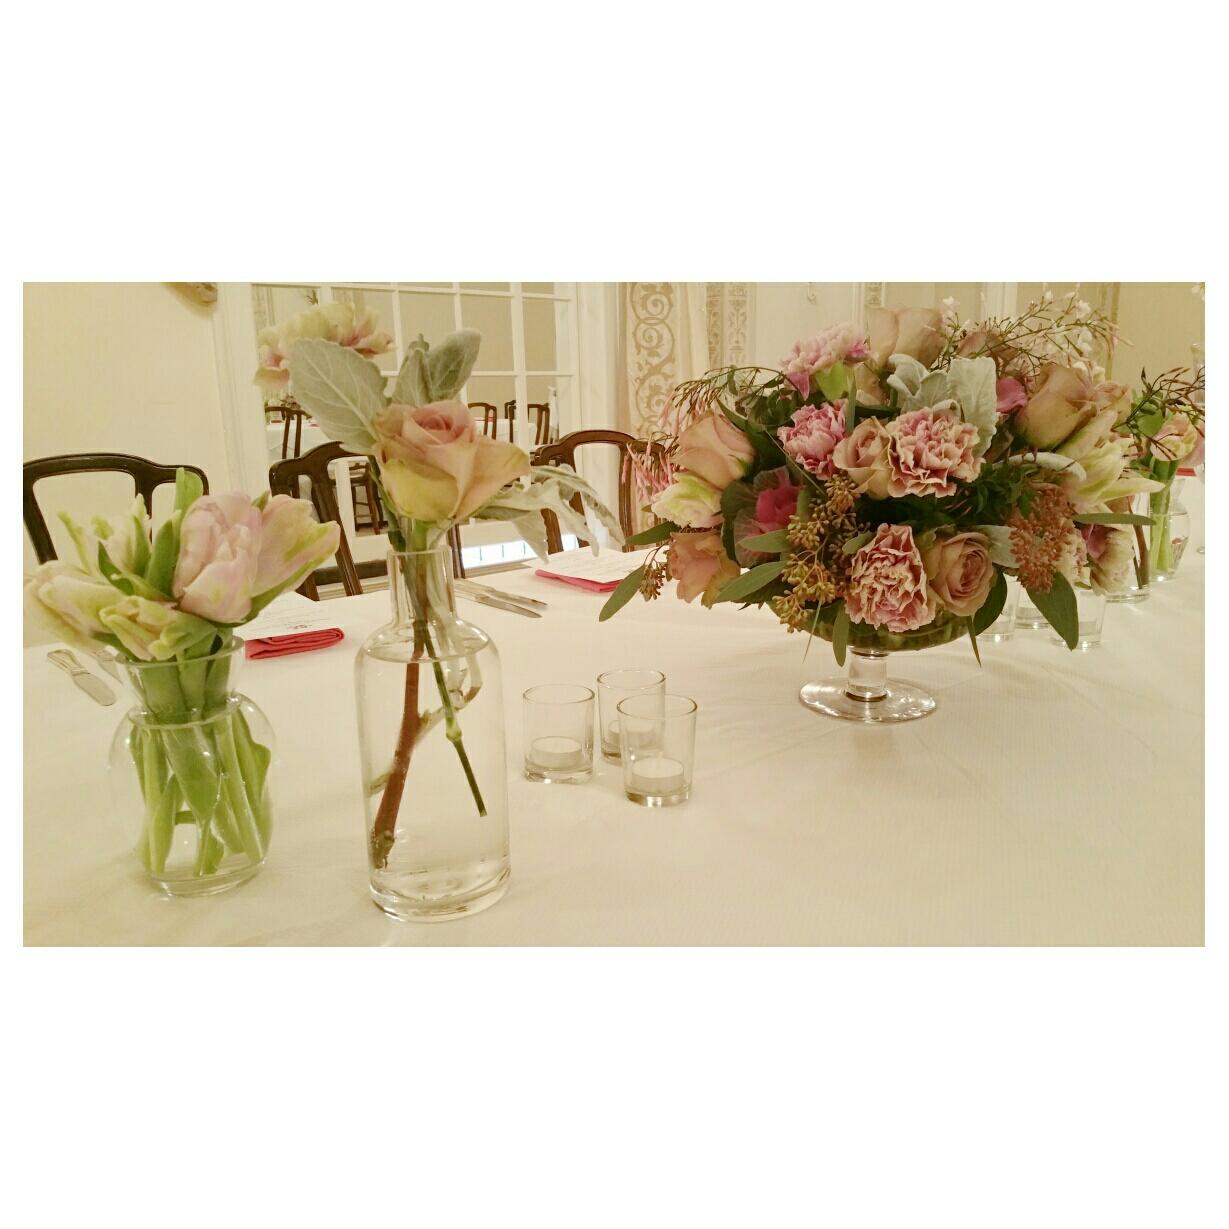 Metropolitan Club flowers